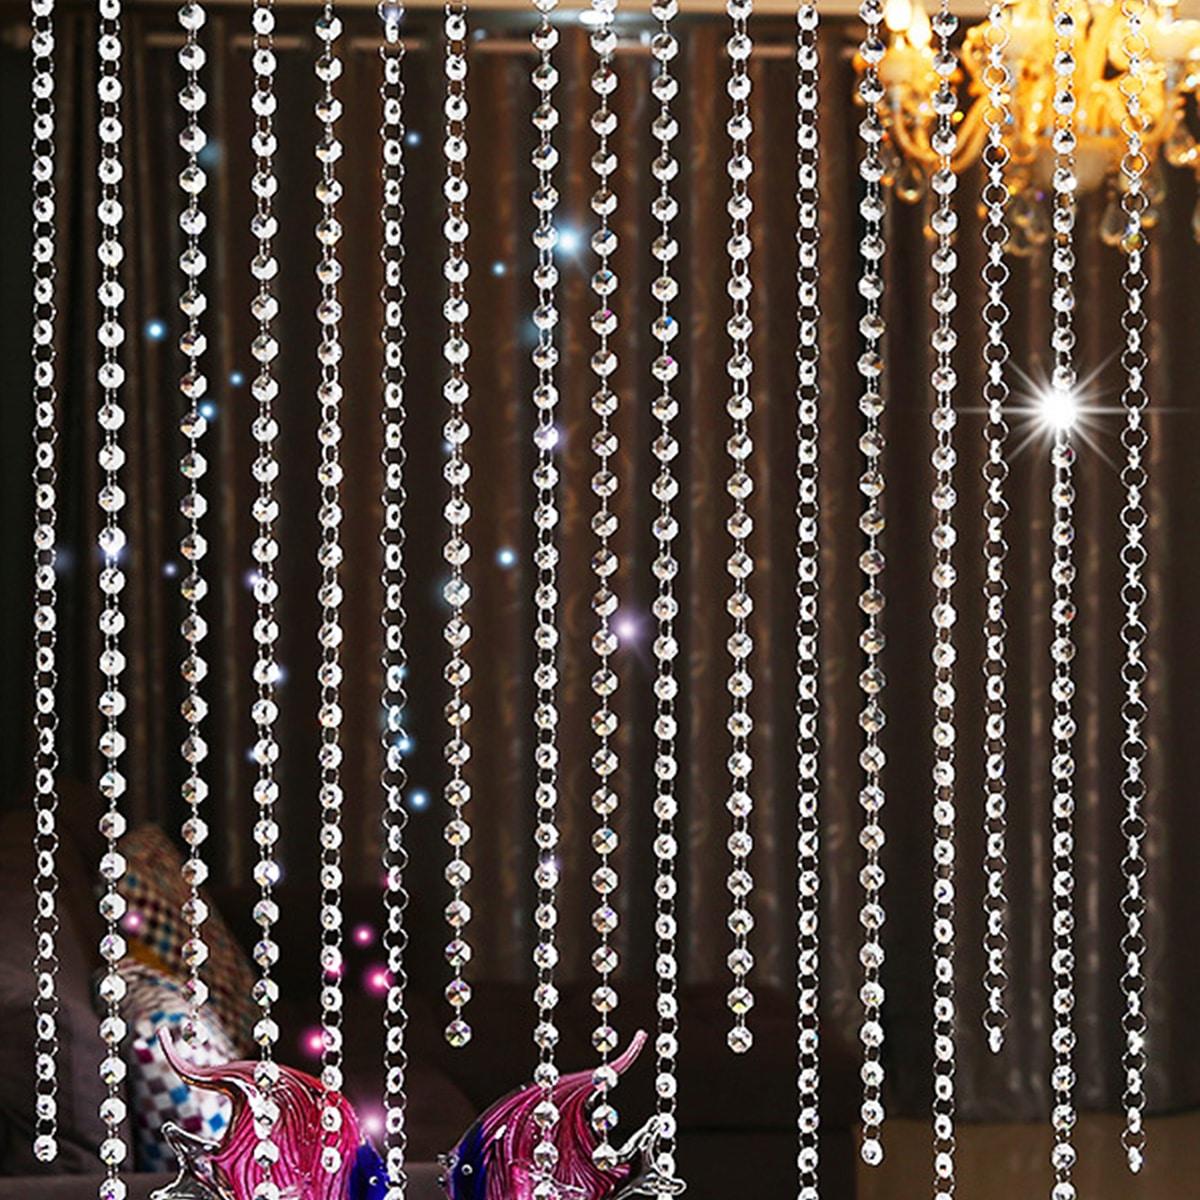 Helder kristal kralengordijn